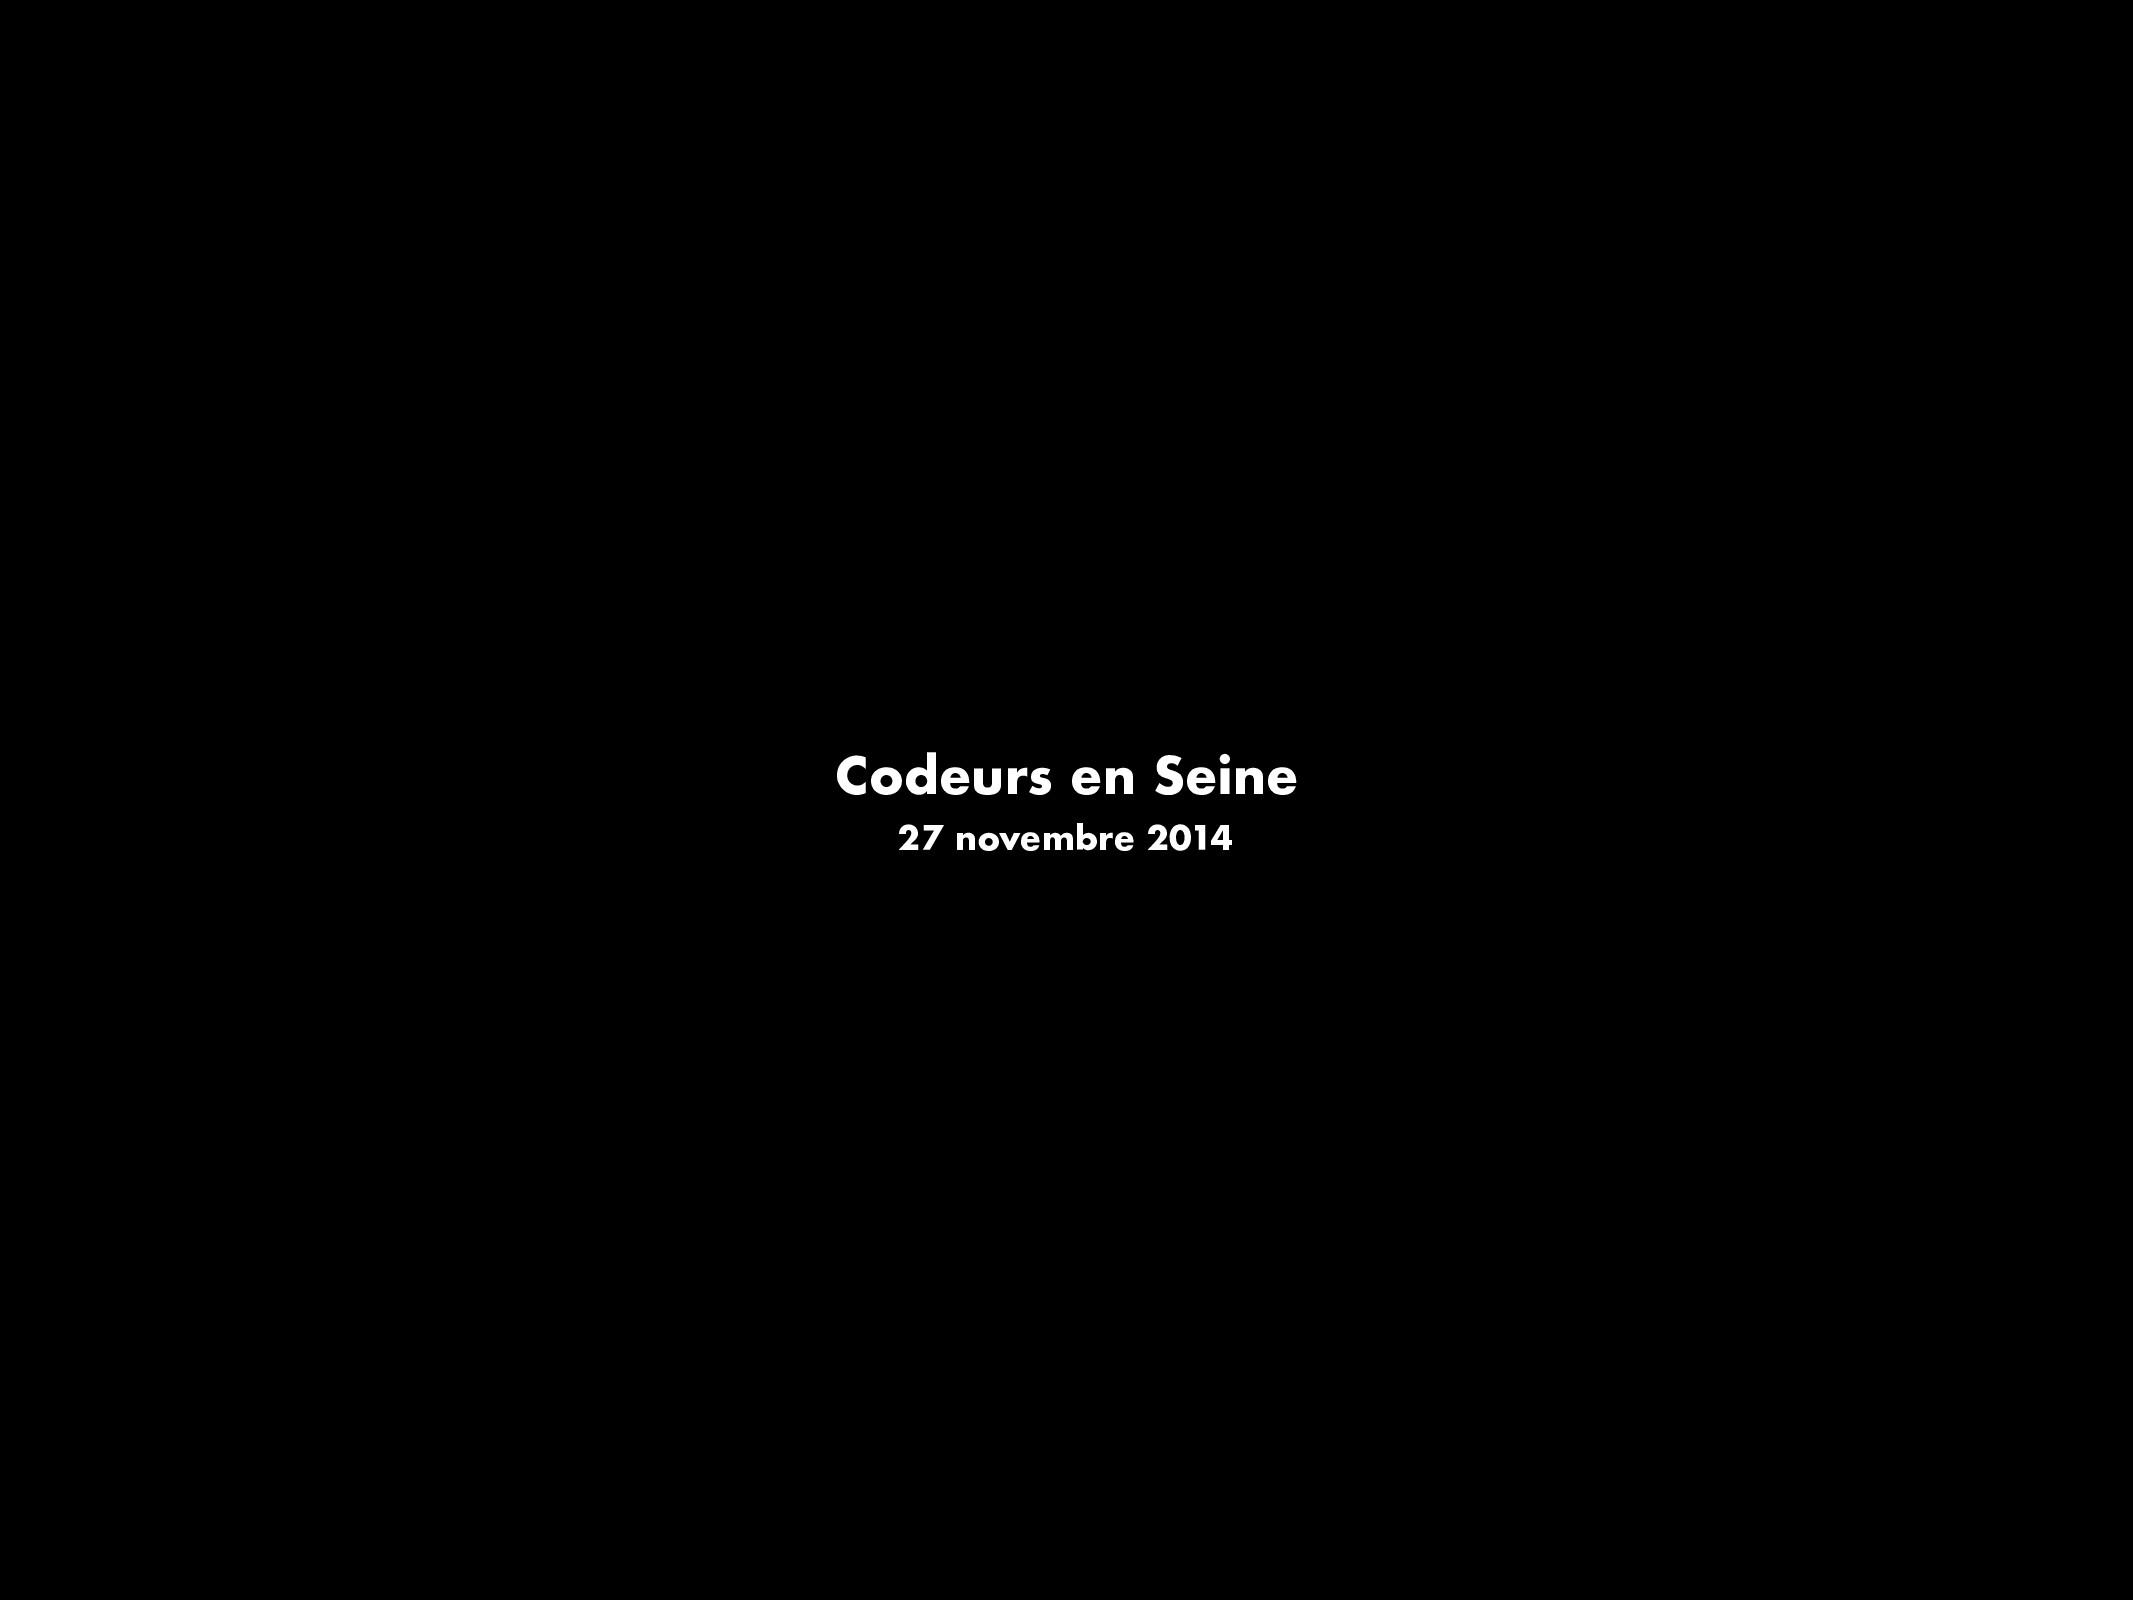 Codeurs en Seine 27 novembre 2014